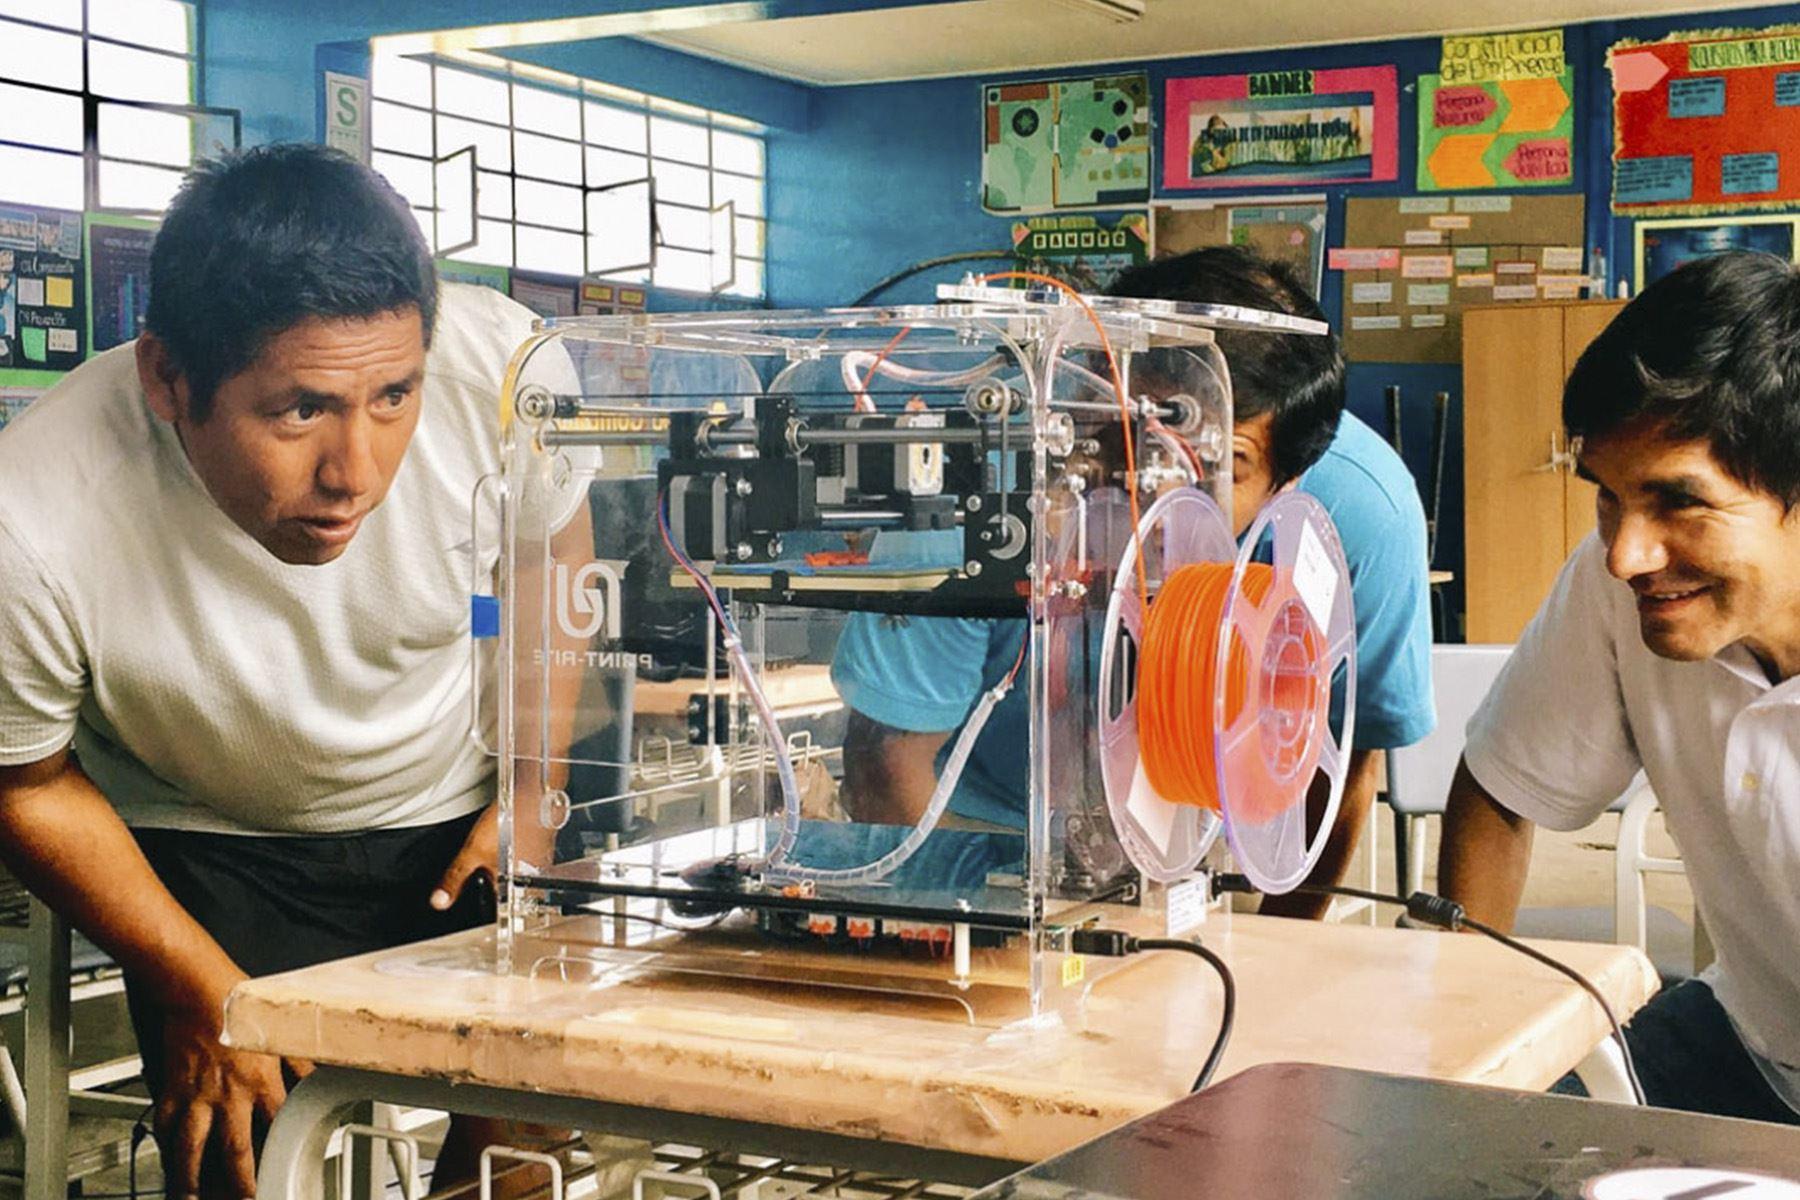 Aprenderás Diseño y Fabricación de Prototipos en 3D, Manejo y Mantenimiento de Impresora 3D y Cómo construir una impresora 3D